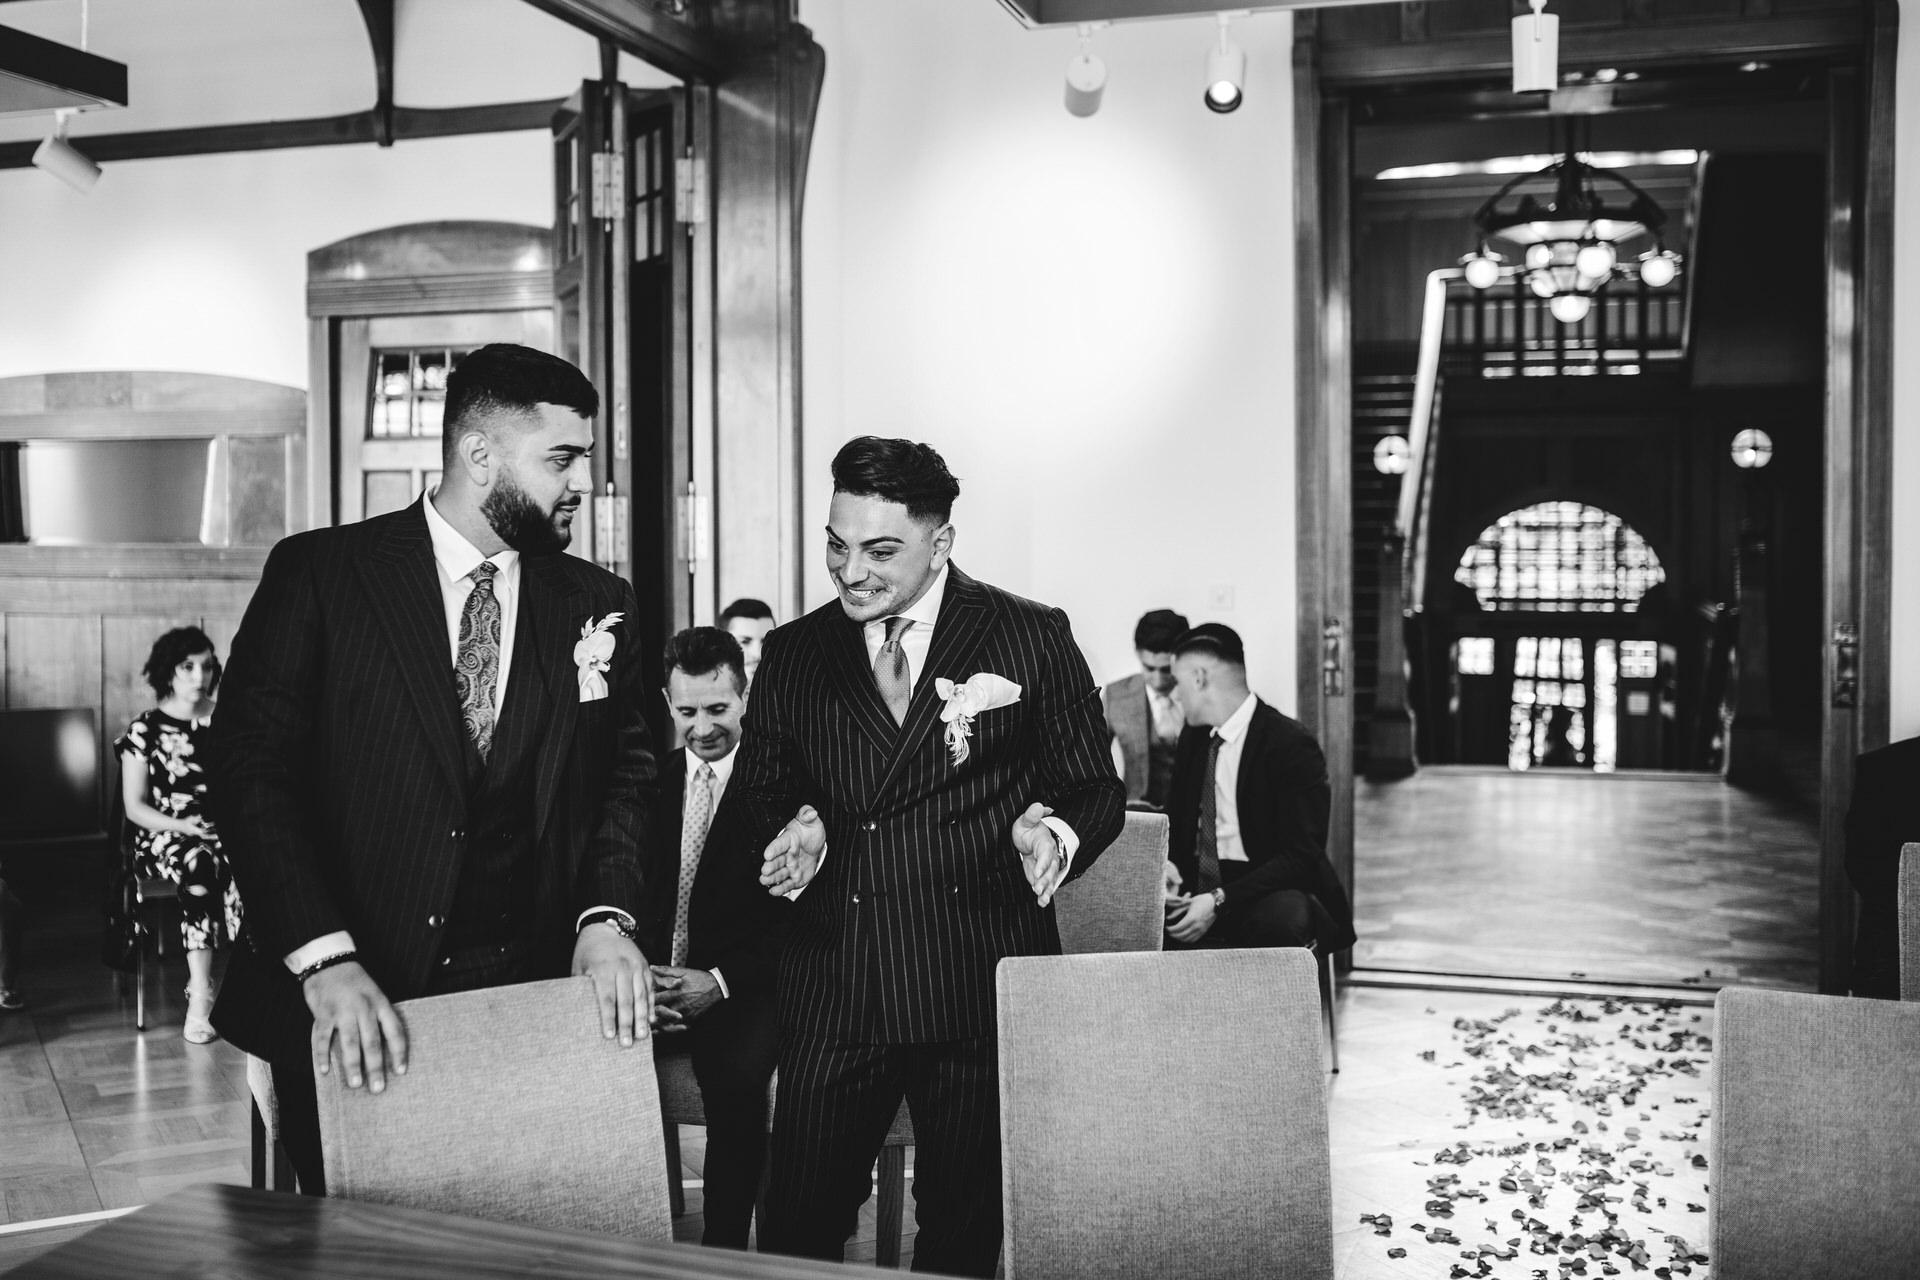 Image de mariage de Seerose Villa en Suisse | Le marié attend avec excitation l'arrivée de sa mariée